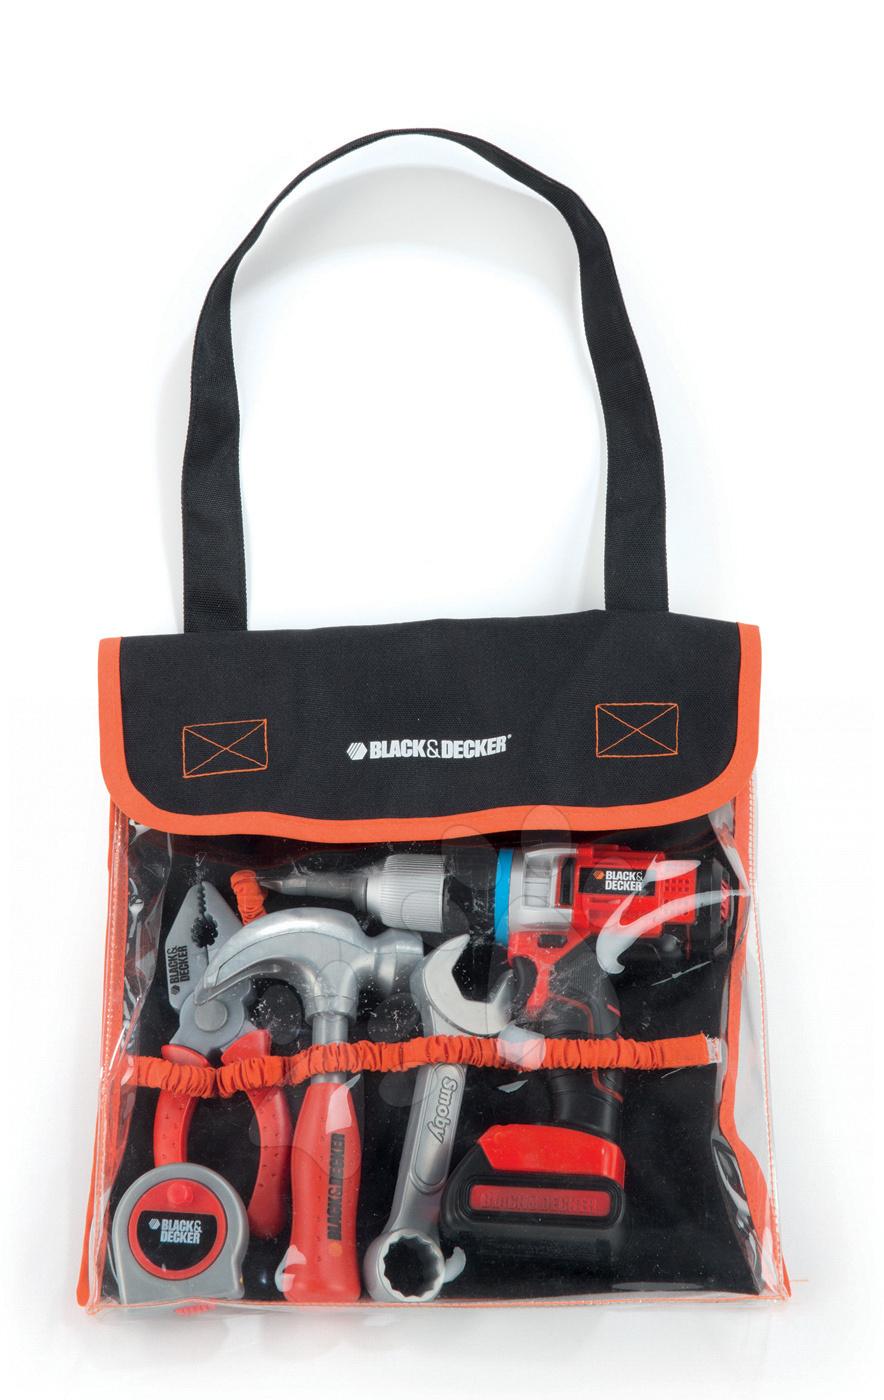 Szerszámok - Szerszámok Black&Decker Smoby táskában mechanikus fúrógéppel, 6 darab